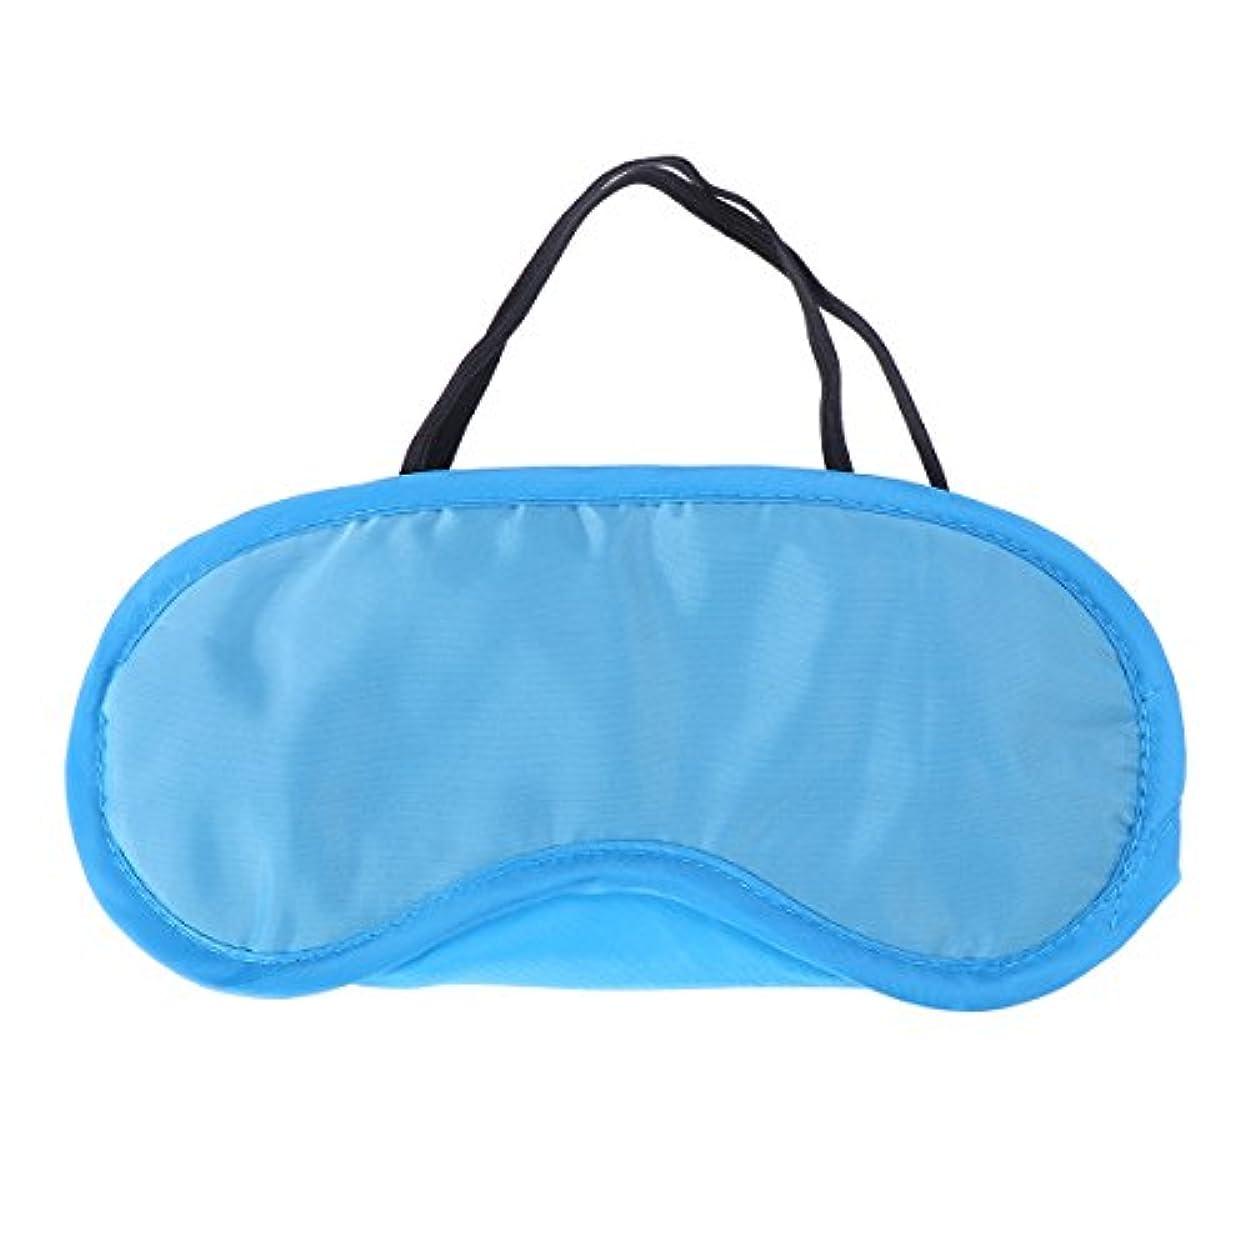 溢れんばかりのクランシー米ドルHEALIFTY 軽量で快適な睡眠のための調整可能なアイマスク(旅行用スカイブルー)